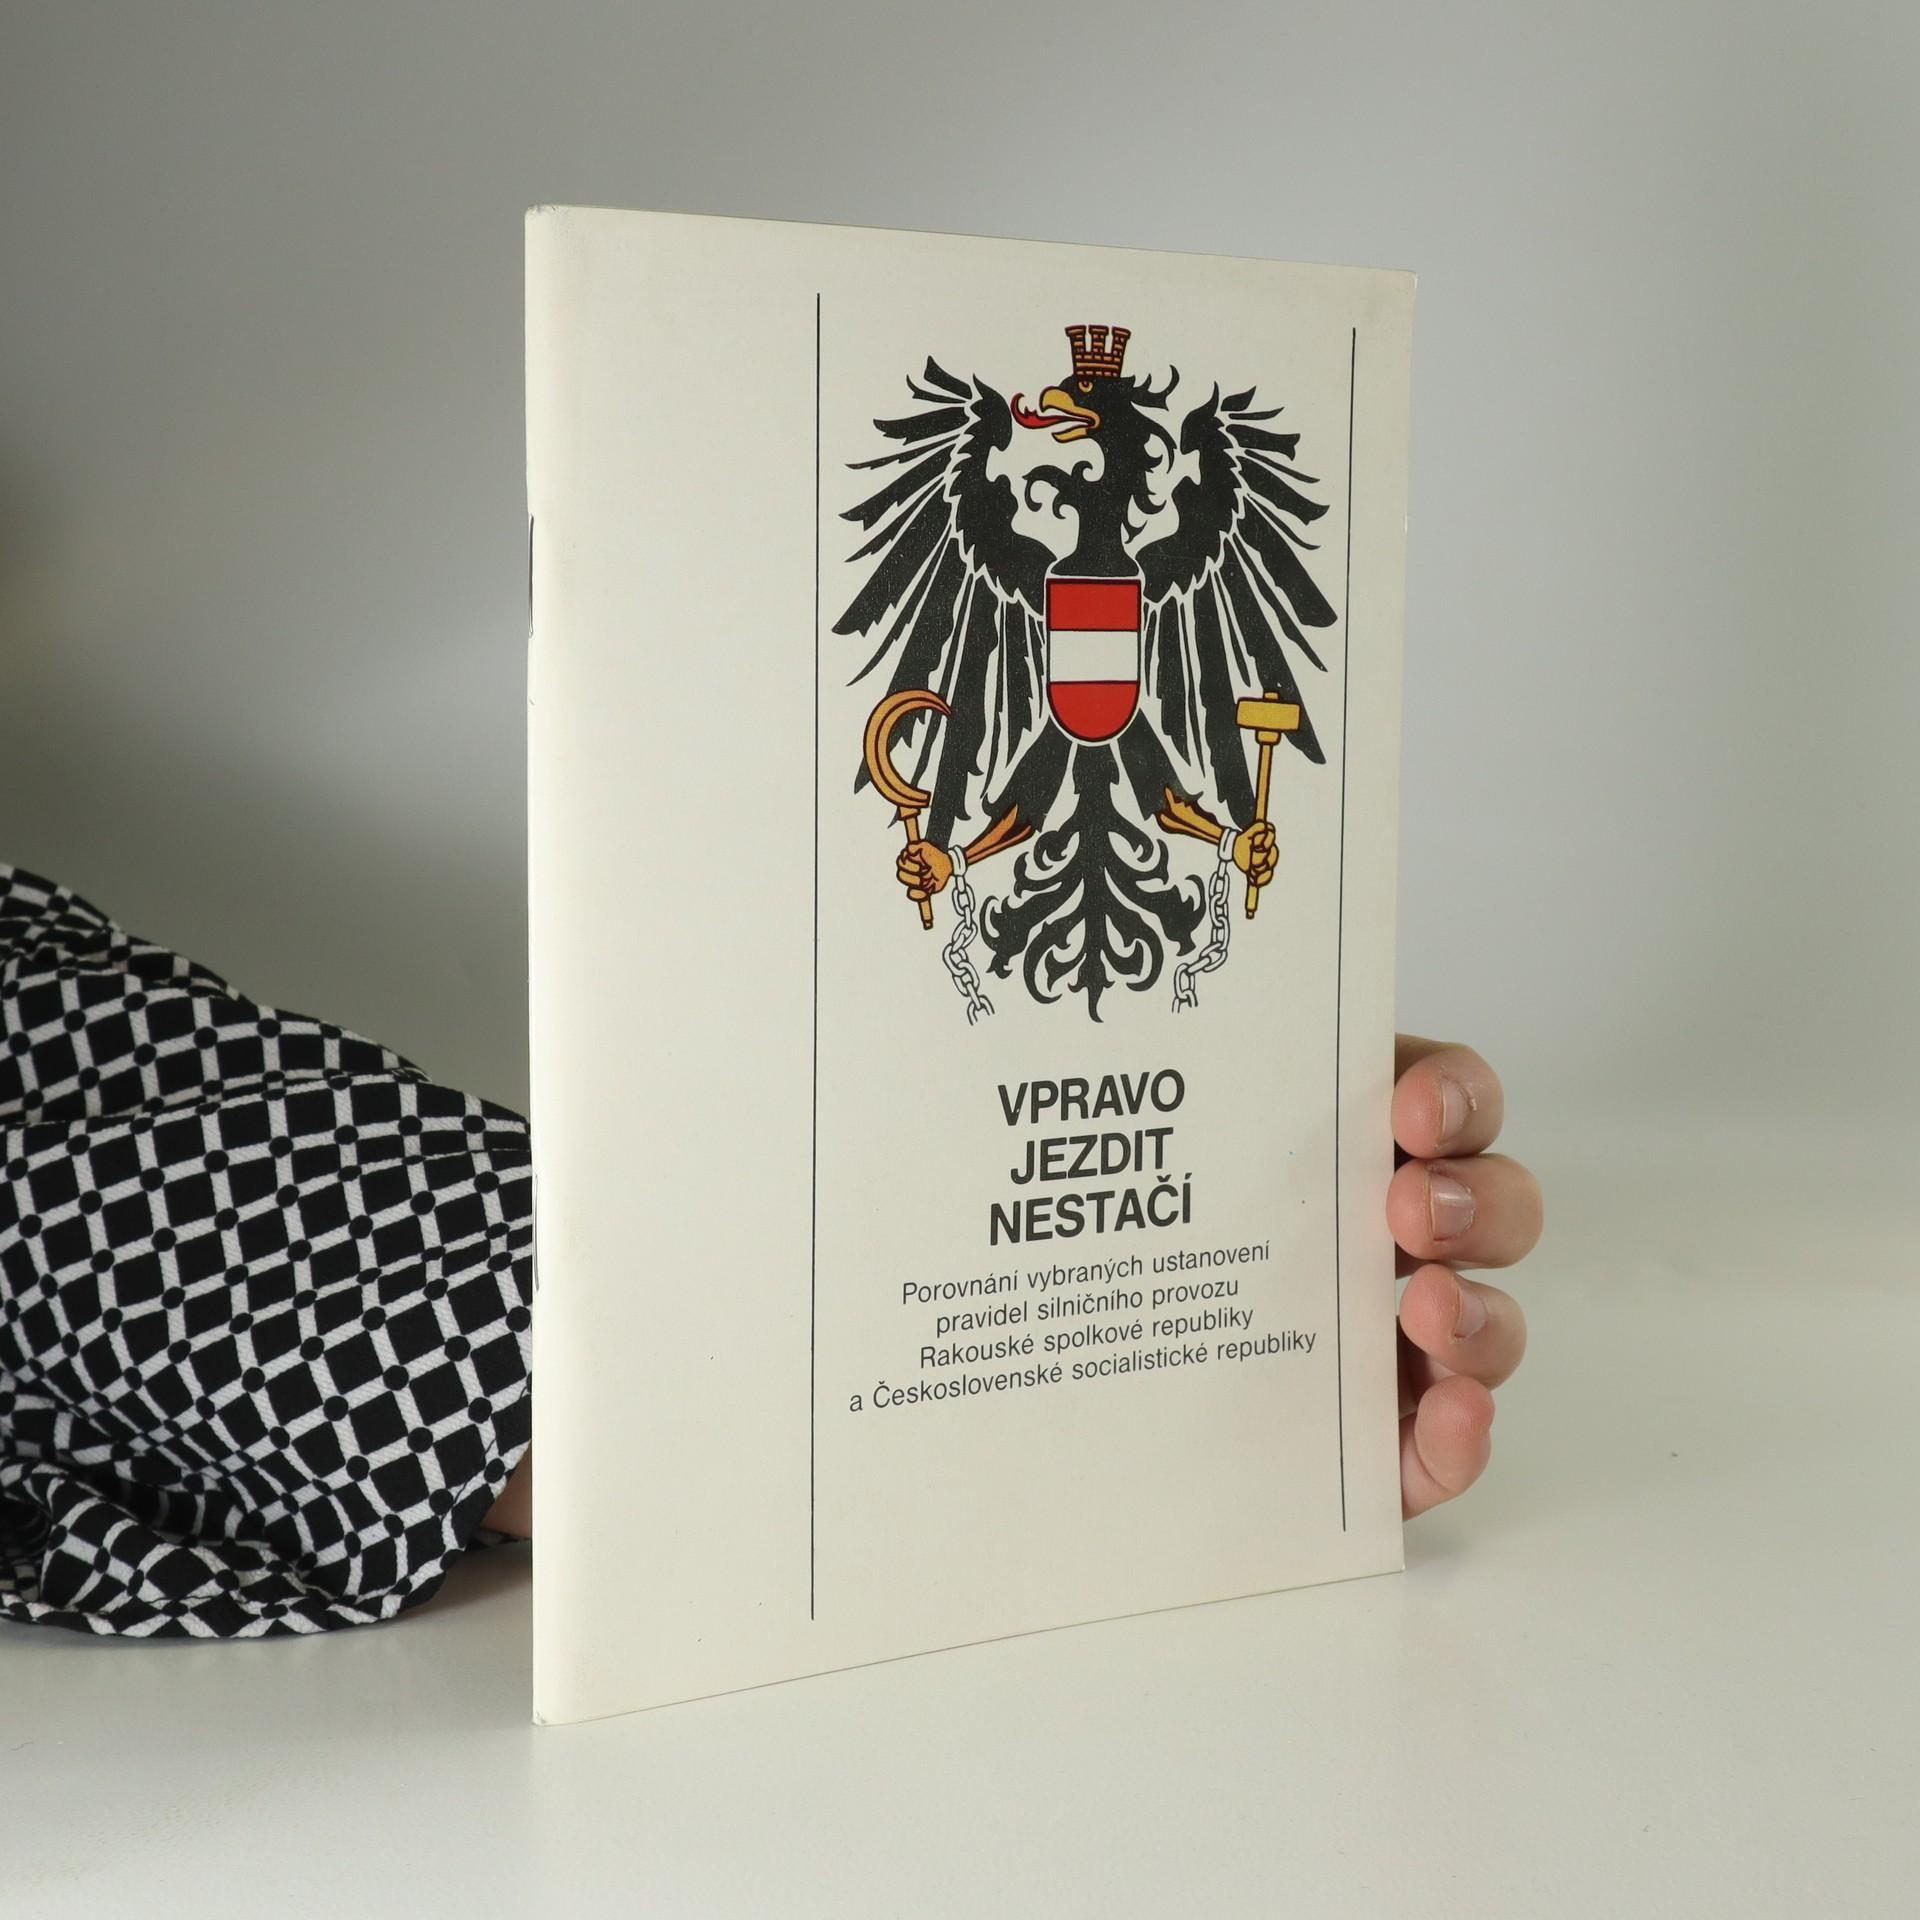 antikvární kniha Vpravo jezdit nestačí. Porovnání vybraných ustanovení pravidel silničního provozu Rakouské spolkové republiky a Československé socialistické republiky, 1984